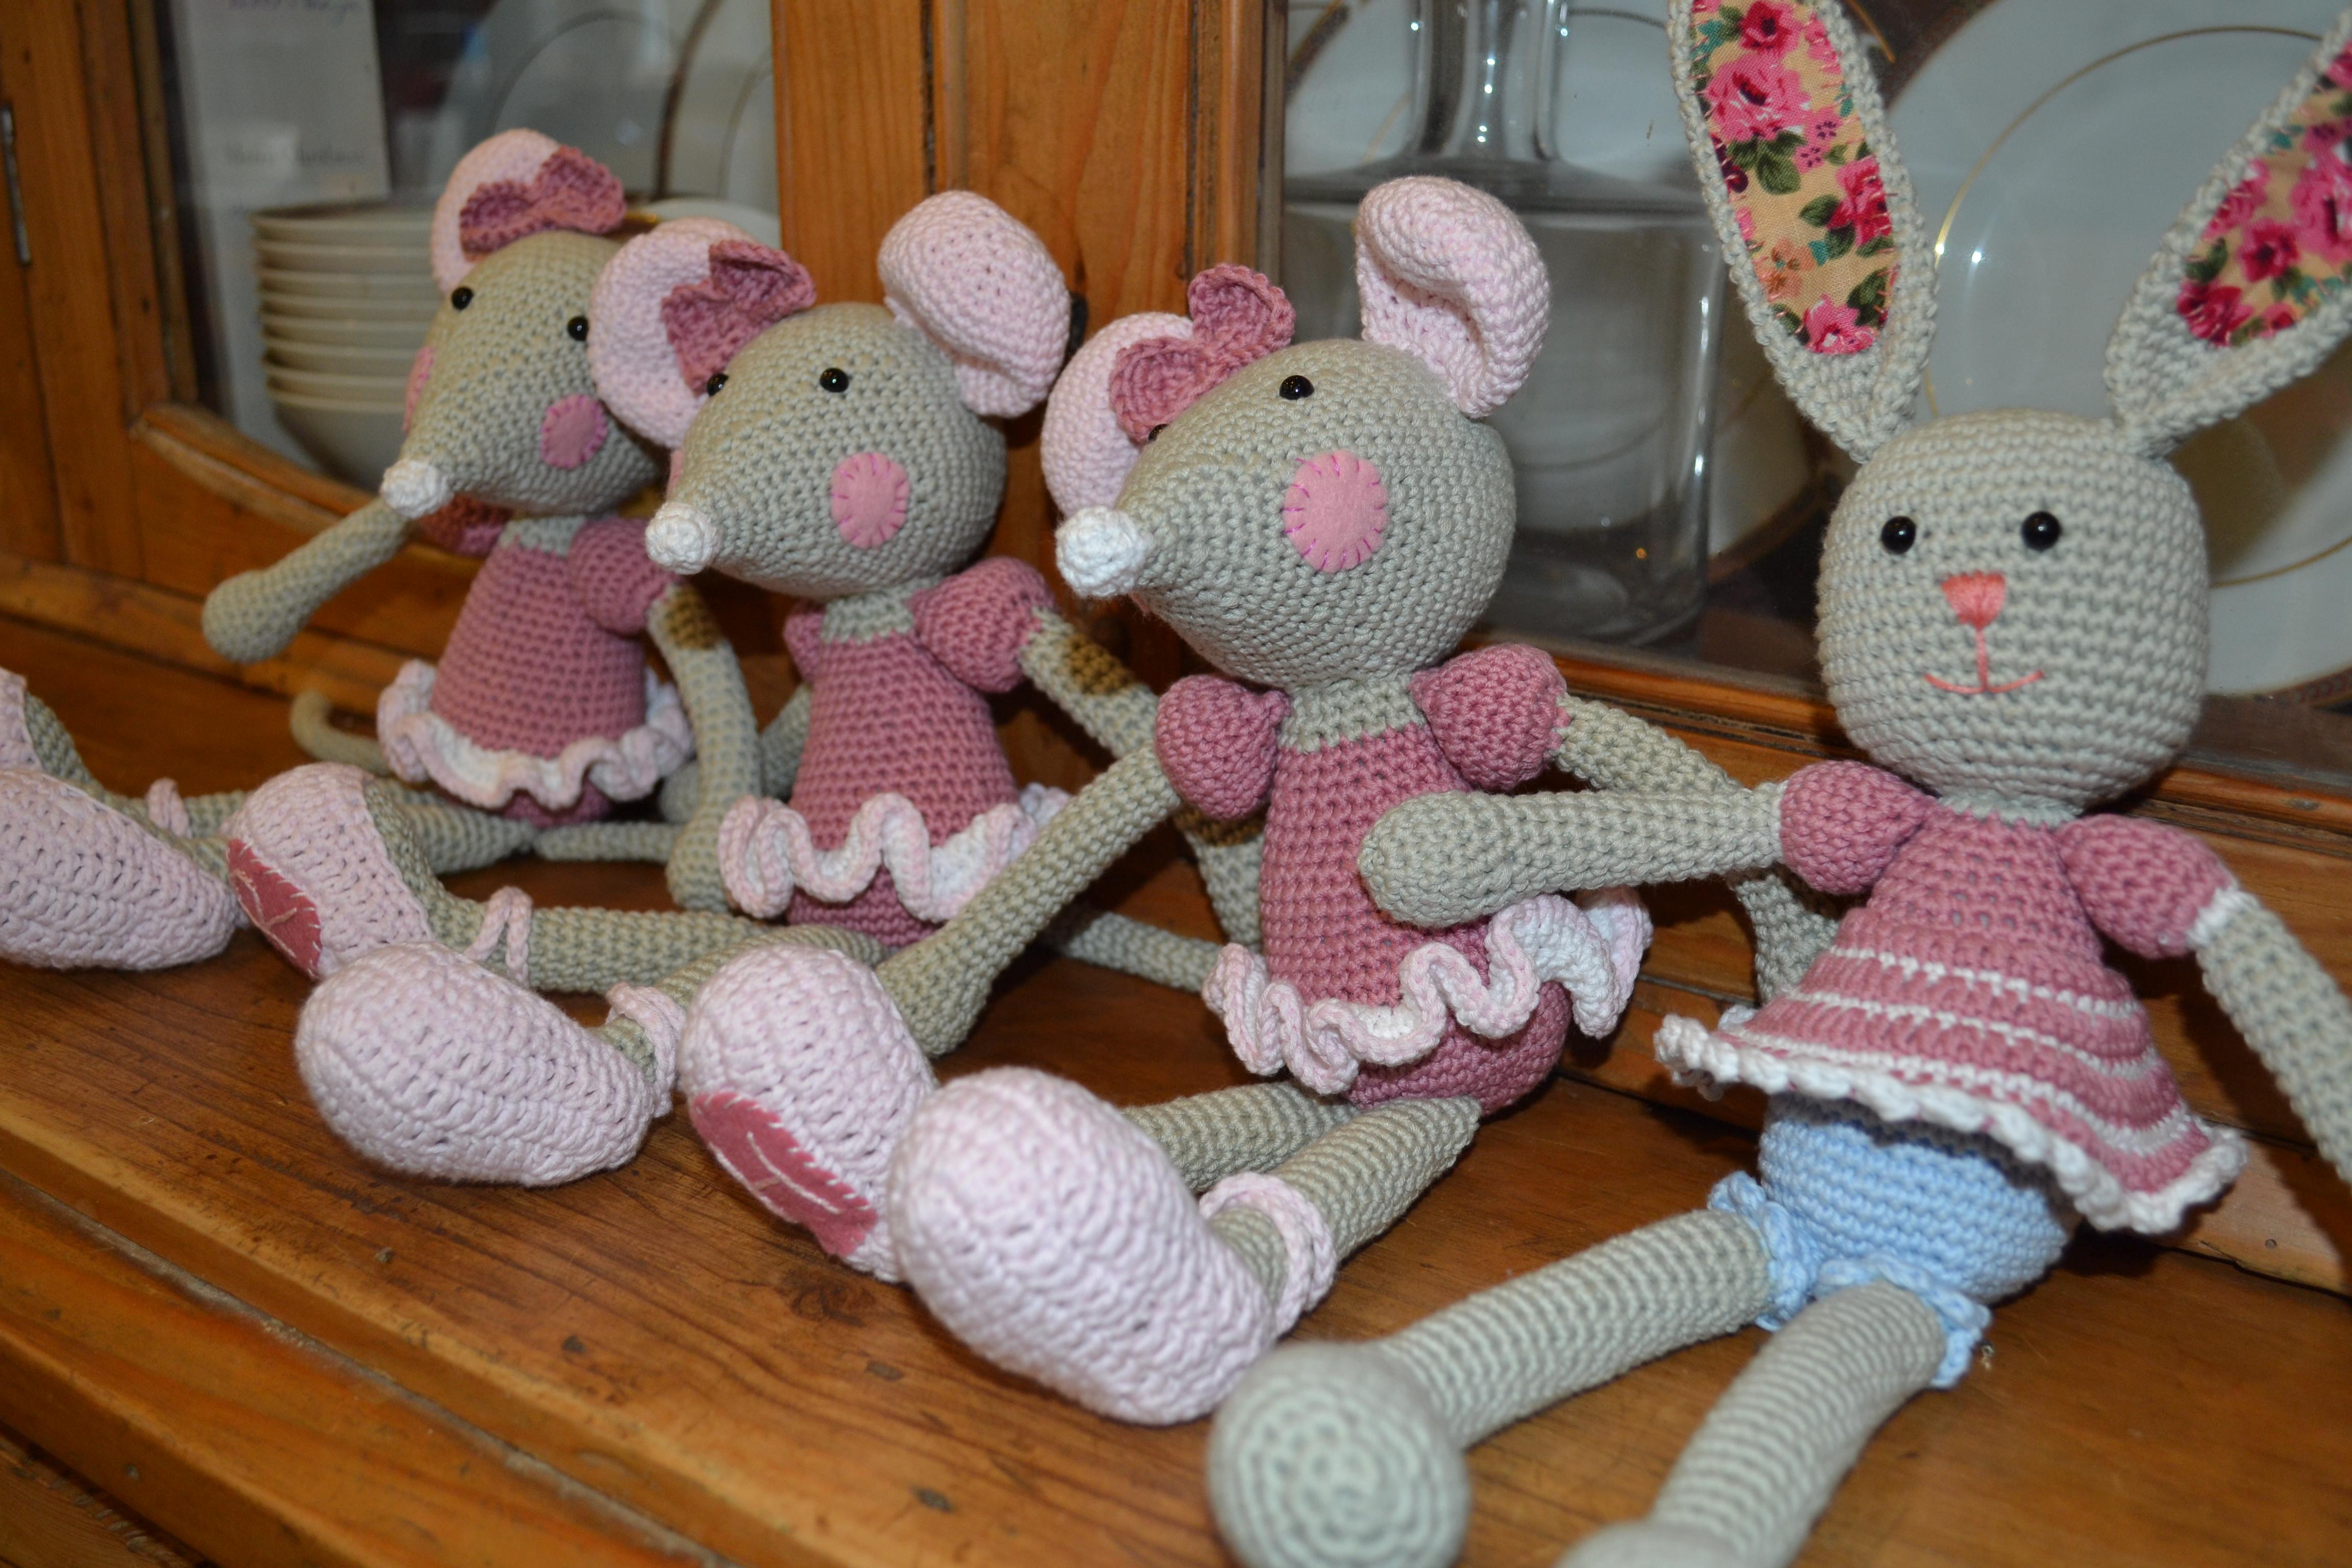 Ballerina Mouse - Free Crochet / Amigurumi Pattern | Maus häkeln, Tiere  häkeln anleitung kostenlos, Katzen häkeln | 3072x4608